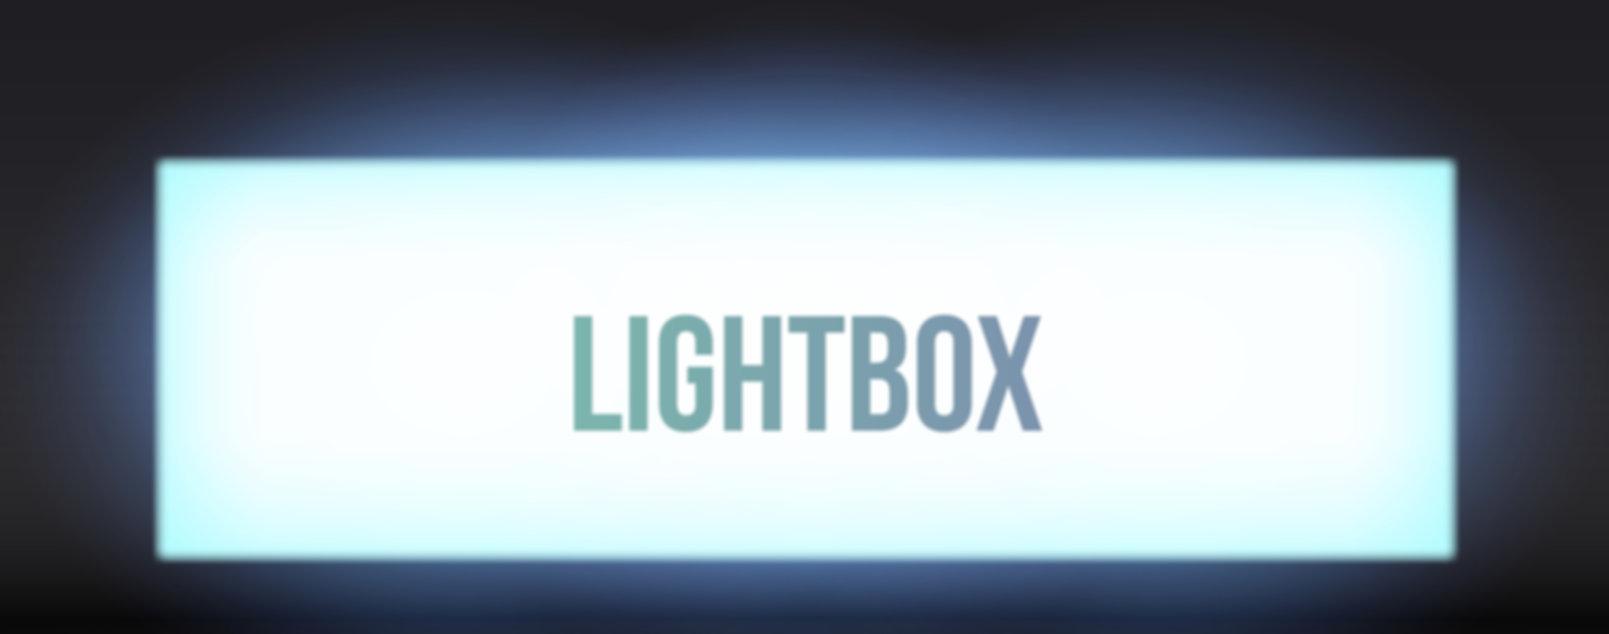 lightbox sign.jpg